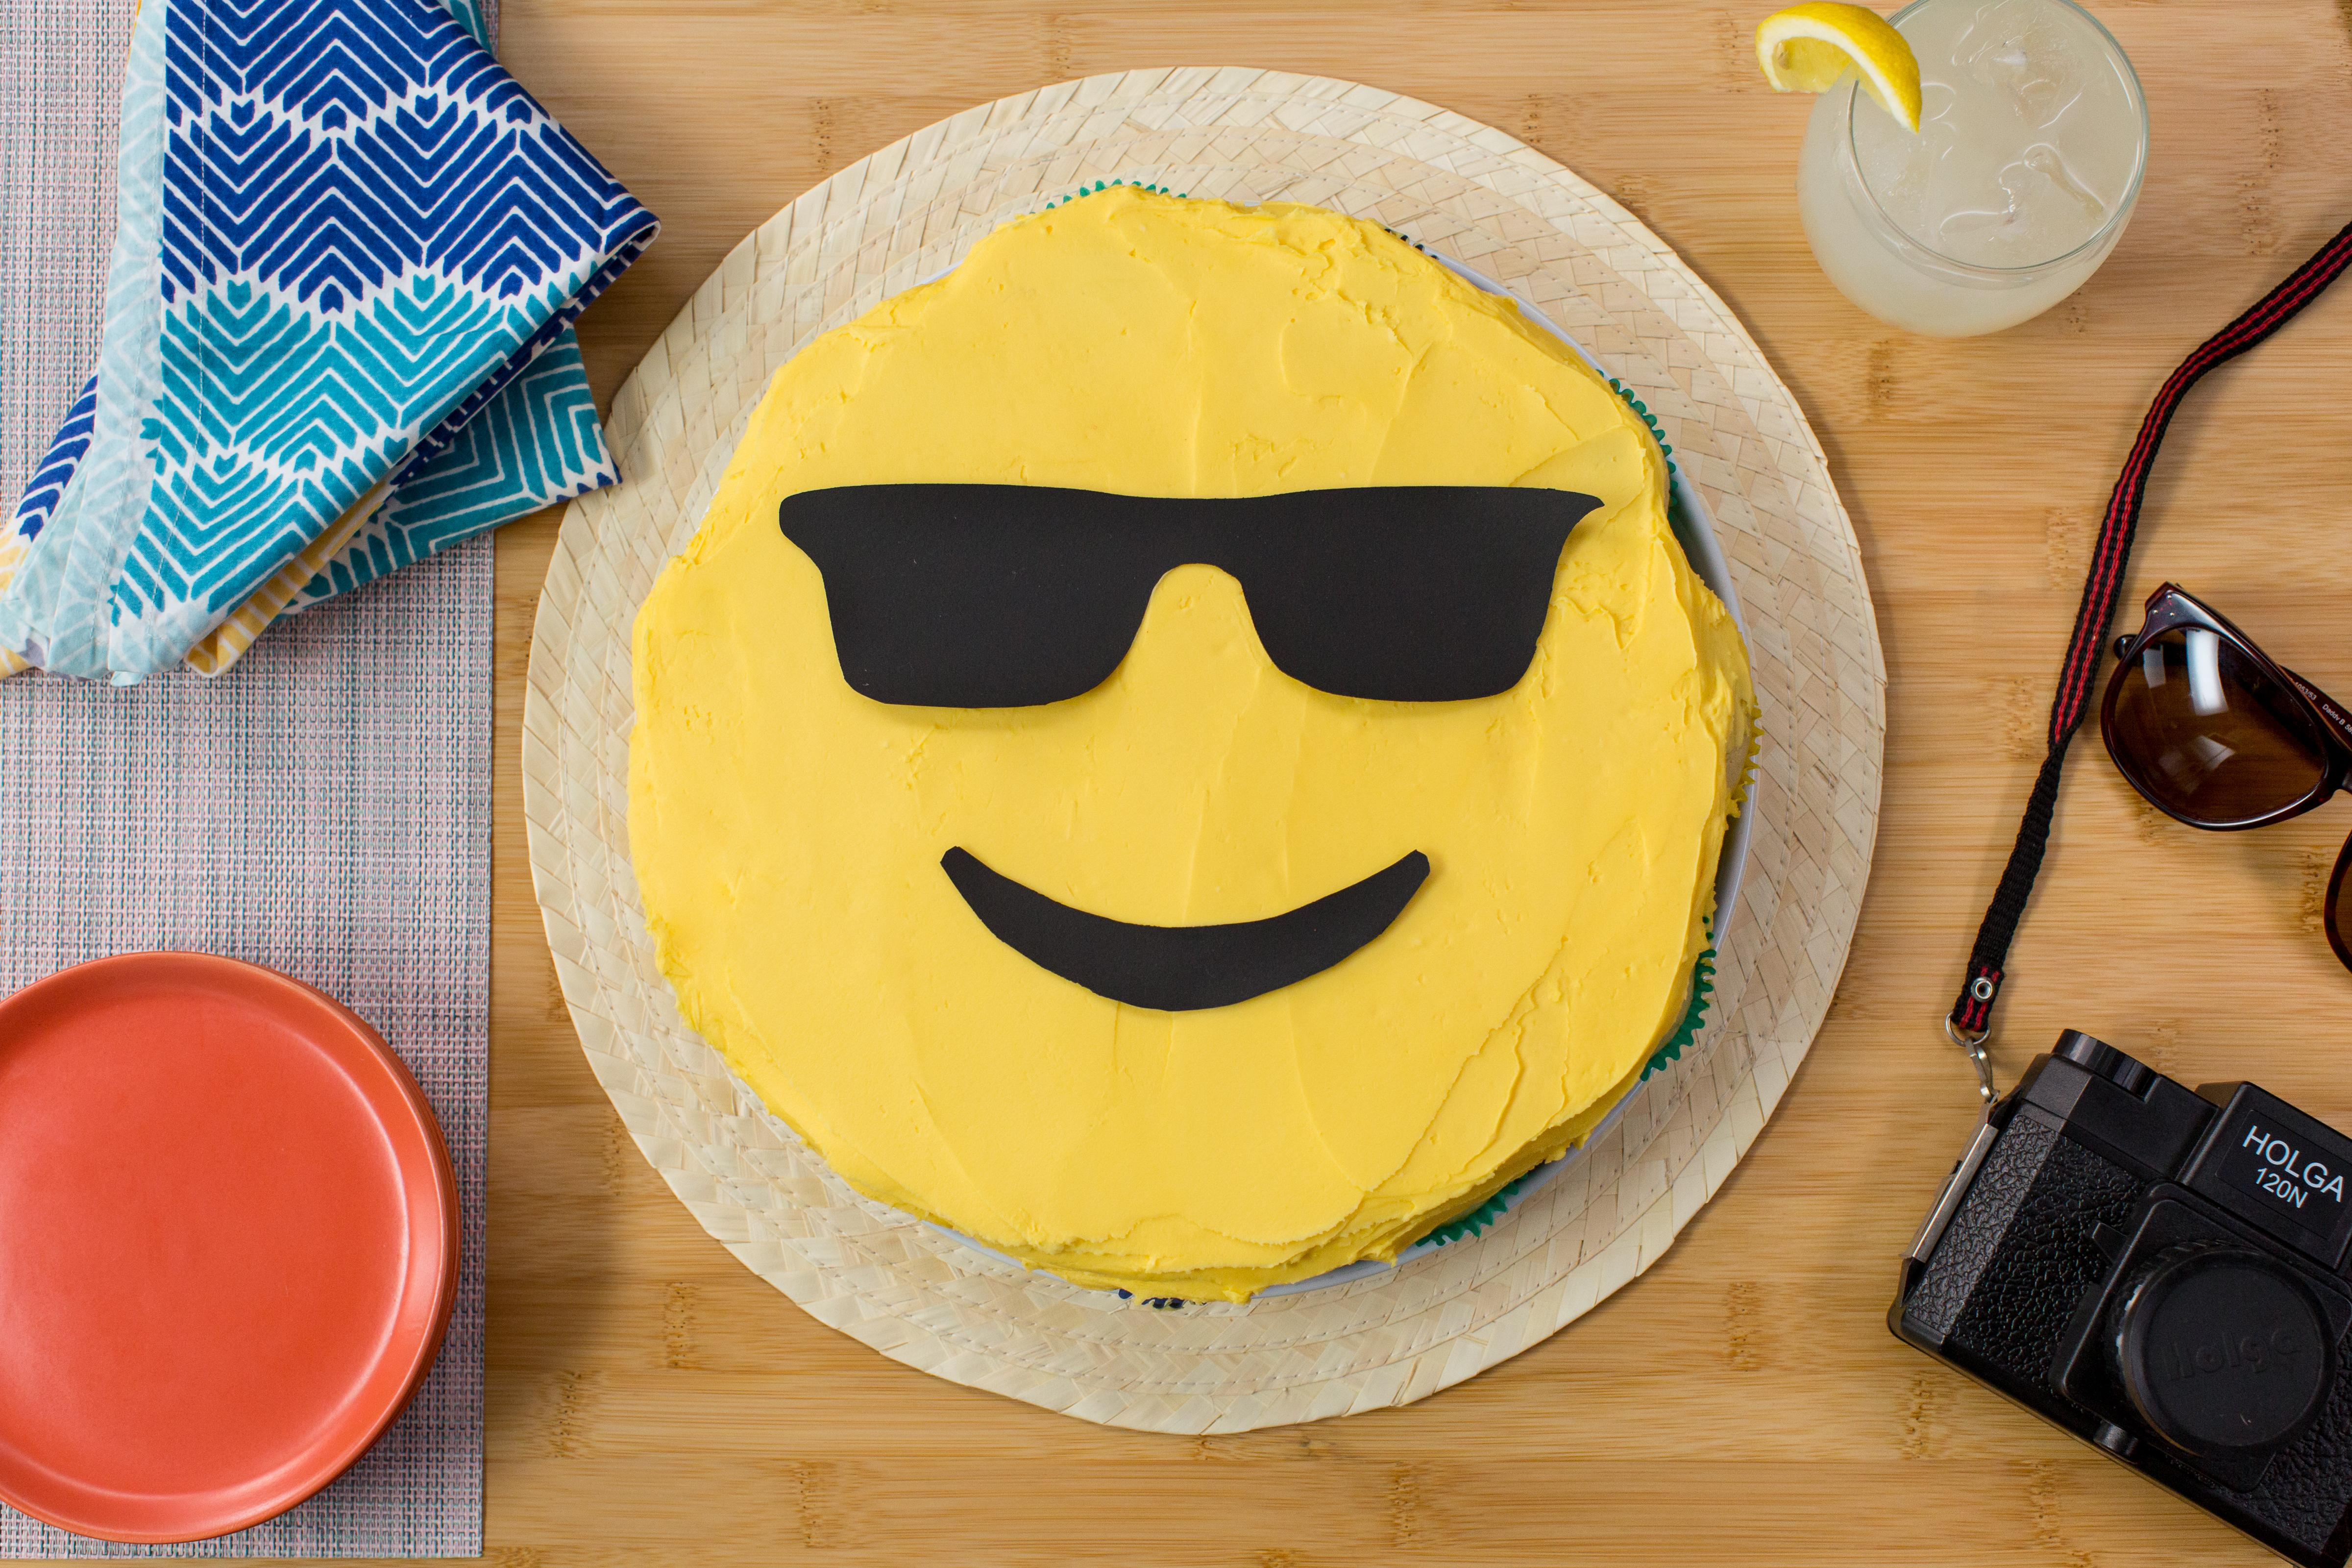 How to make a pull-apart emoji cupcake cake